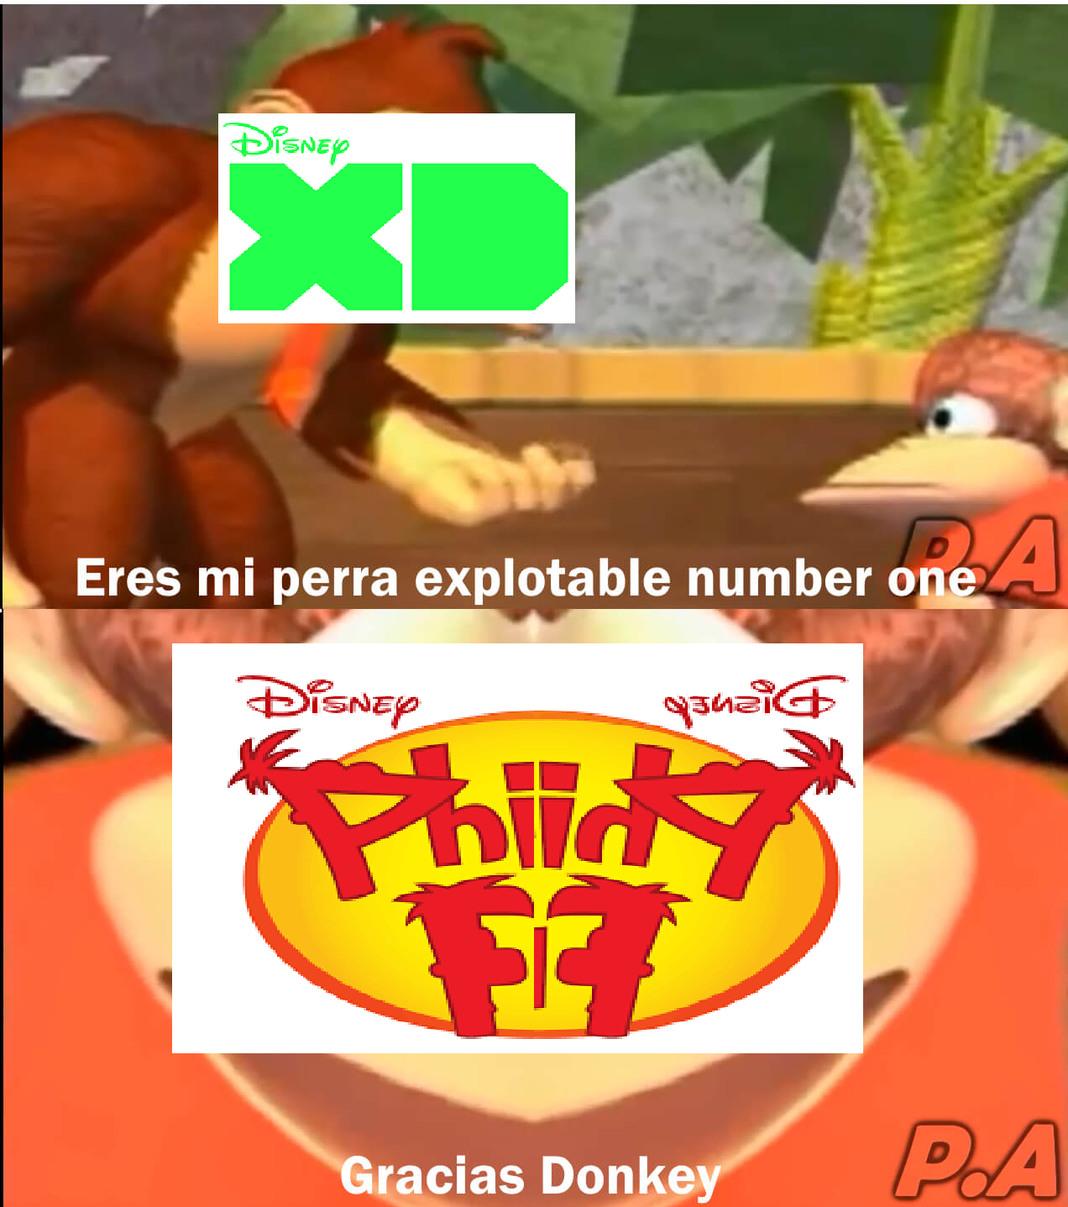 En los últimos días, Disney XD ha estado transmitiendo los episodios de Phineas y Ferb una y otra vez, no sé el porqué. Además, ¿Cómo se elimina un meme?